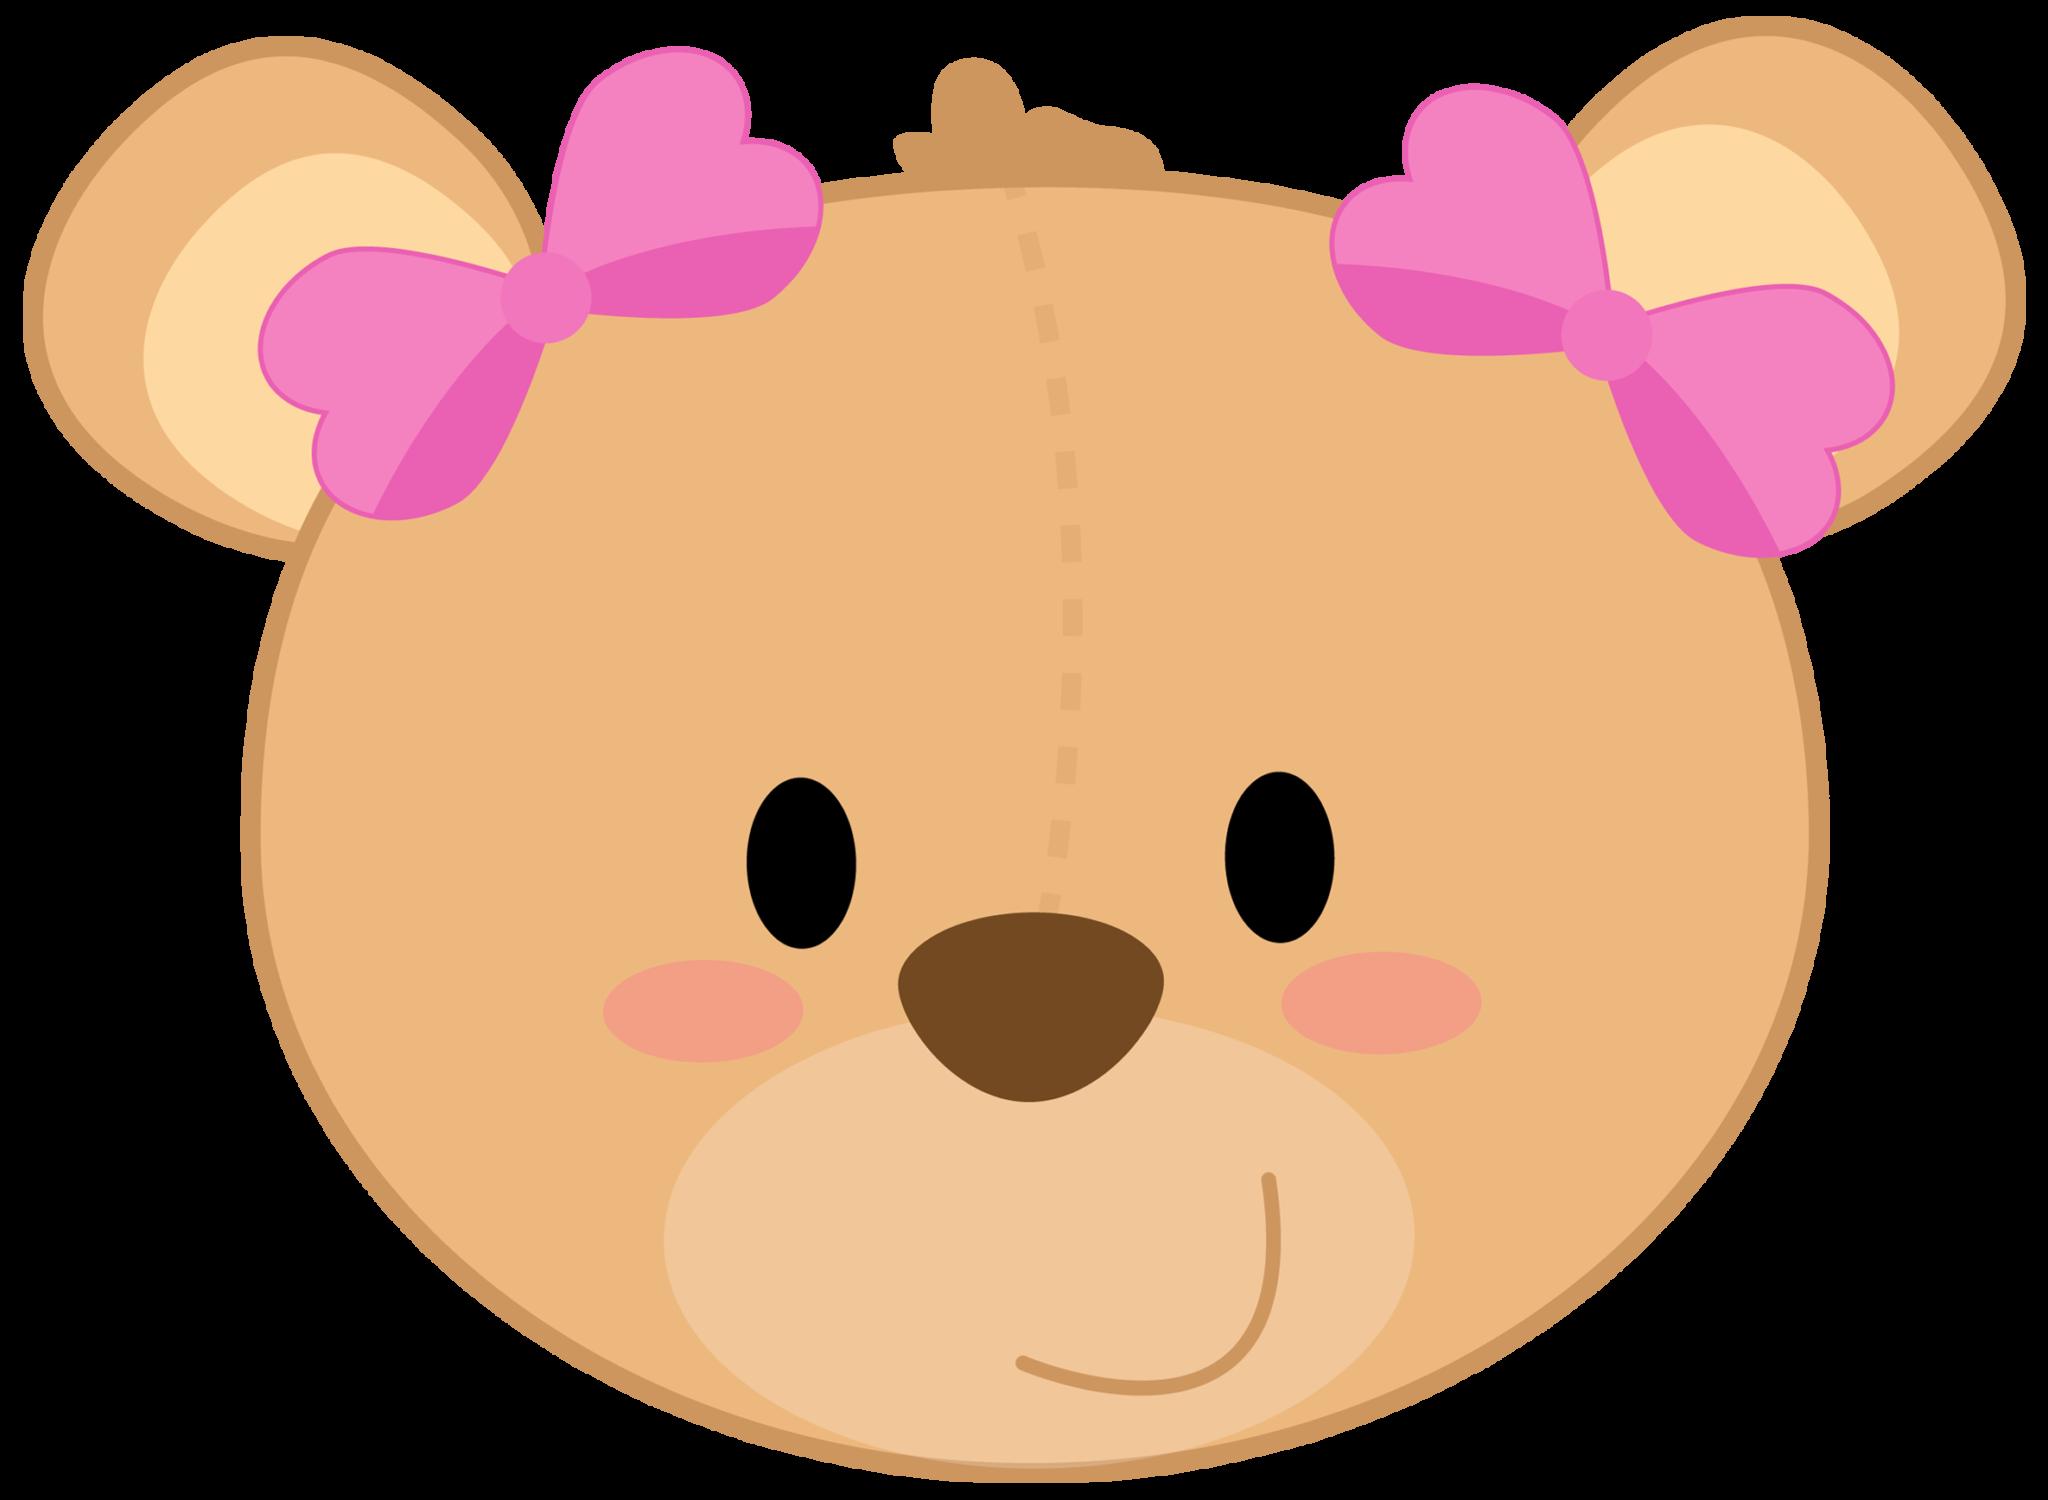 Ursinha PNG, kleiner Bär, osito, little bear